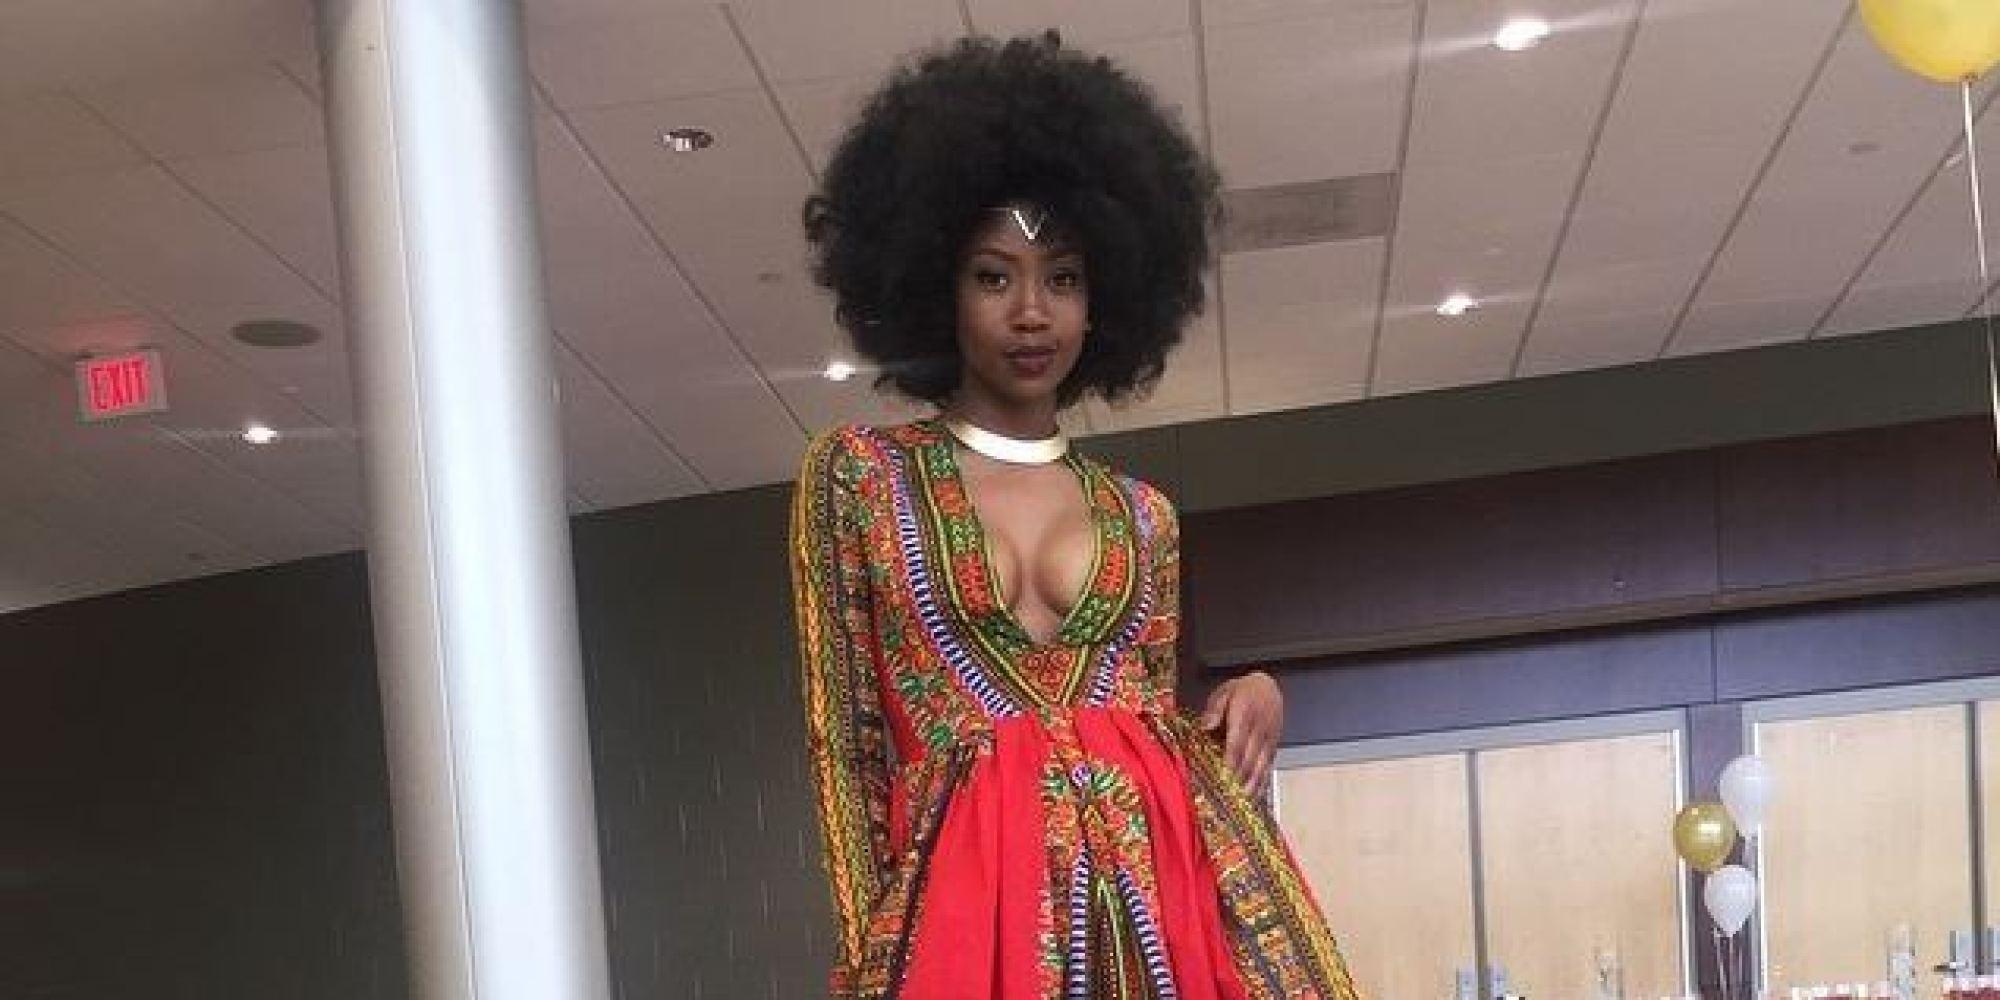 Cette lycéenne réalise sa robe pour le bal de promo et affole les internautes